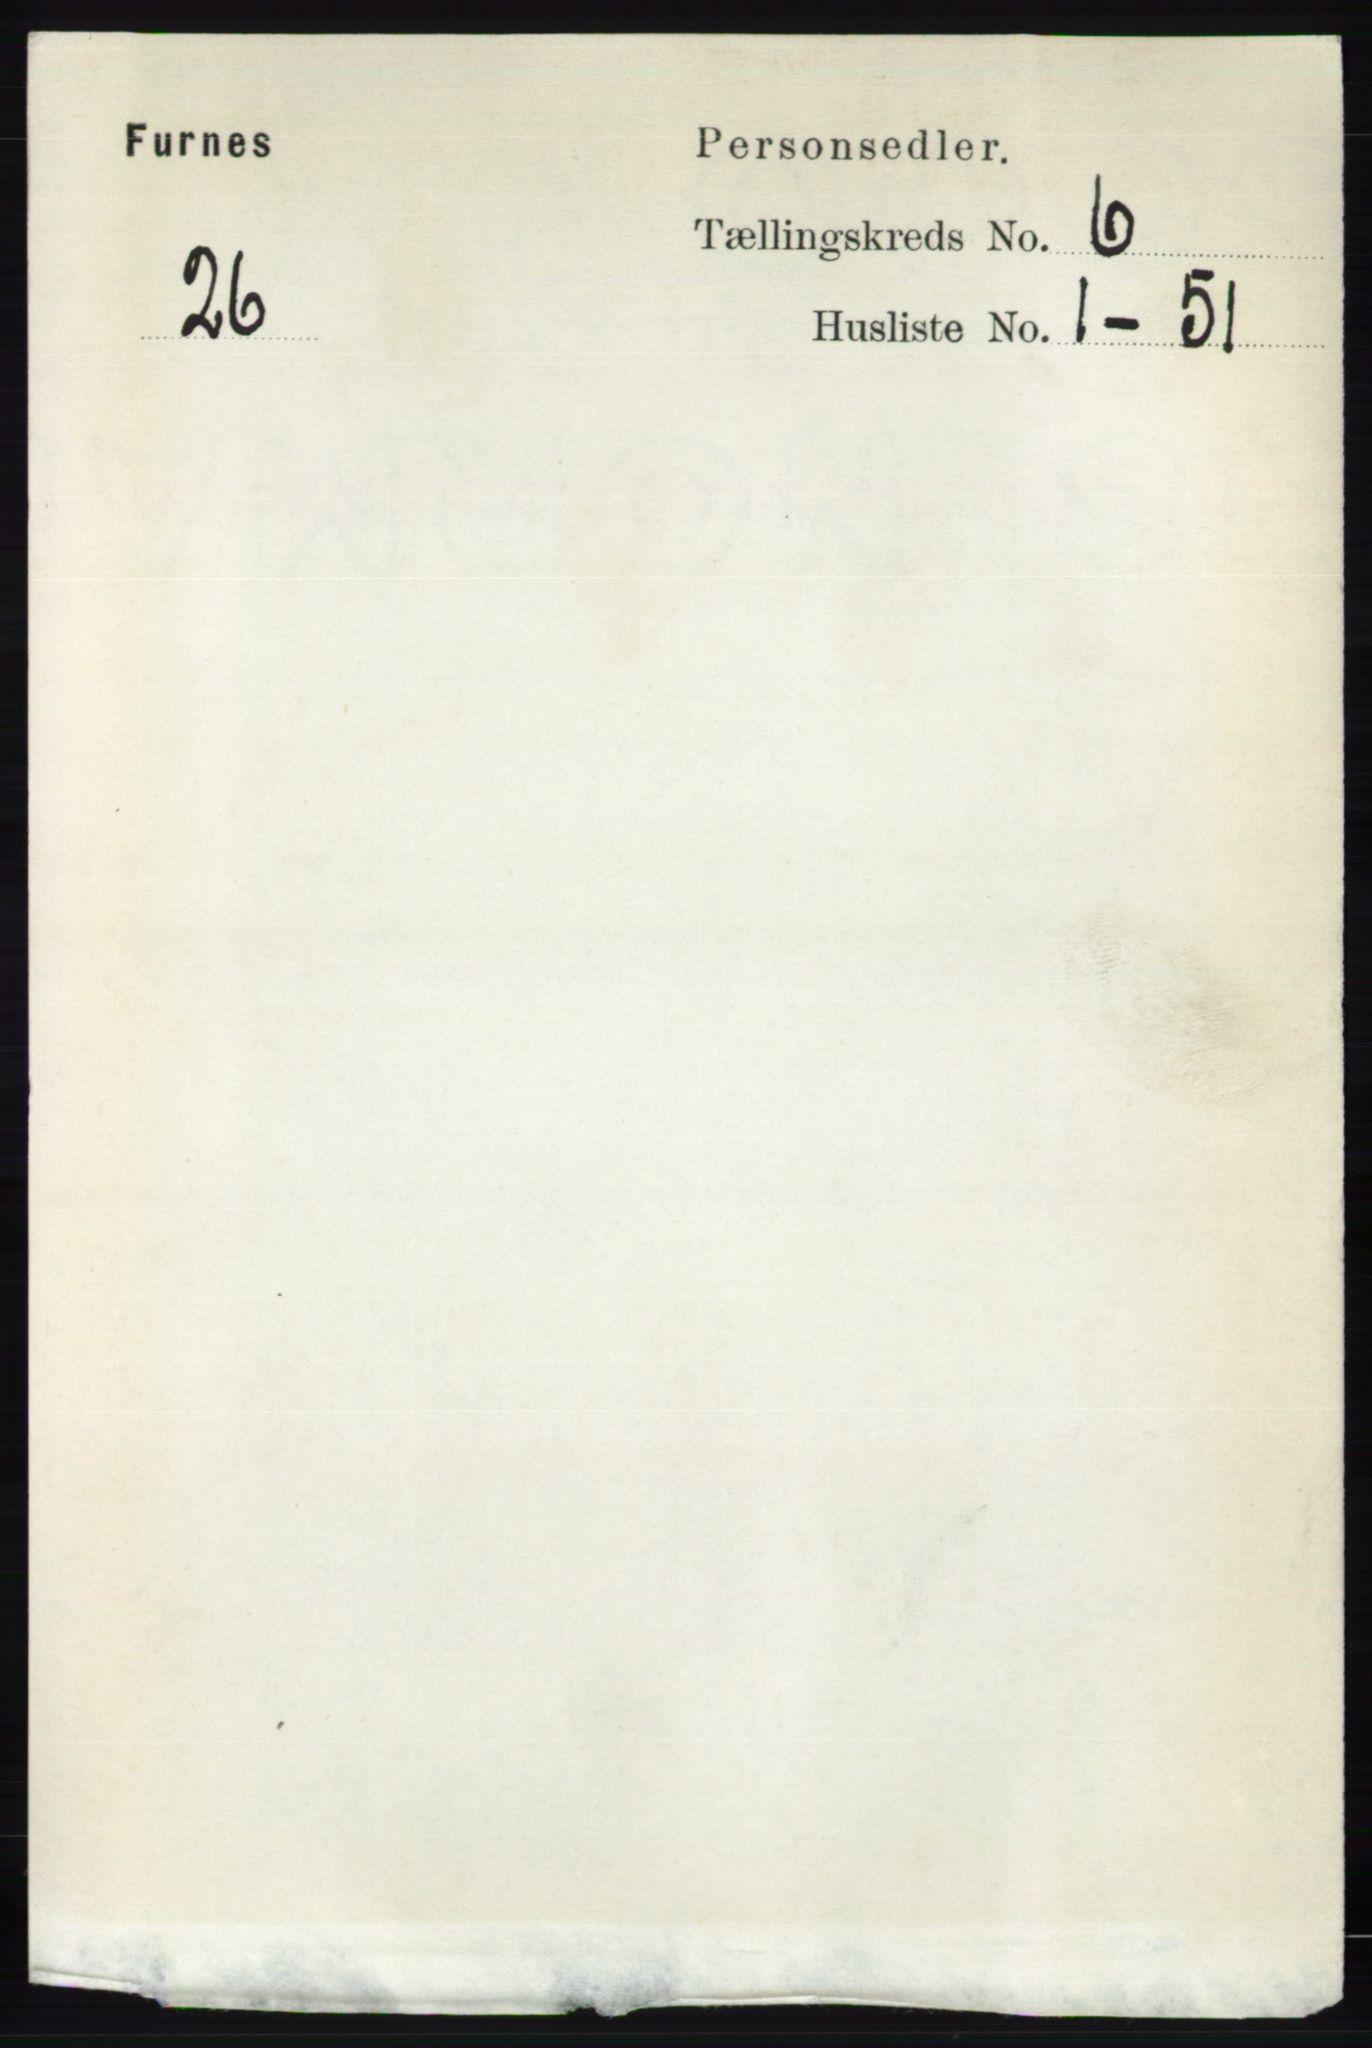 RA, Folketelling 1891 for 0413 Furnes herred, 1891, s. 4159